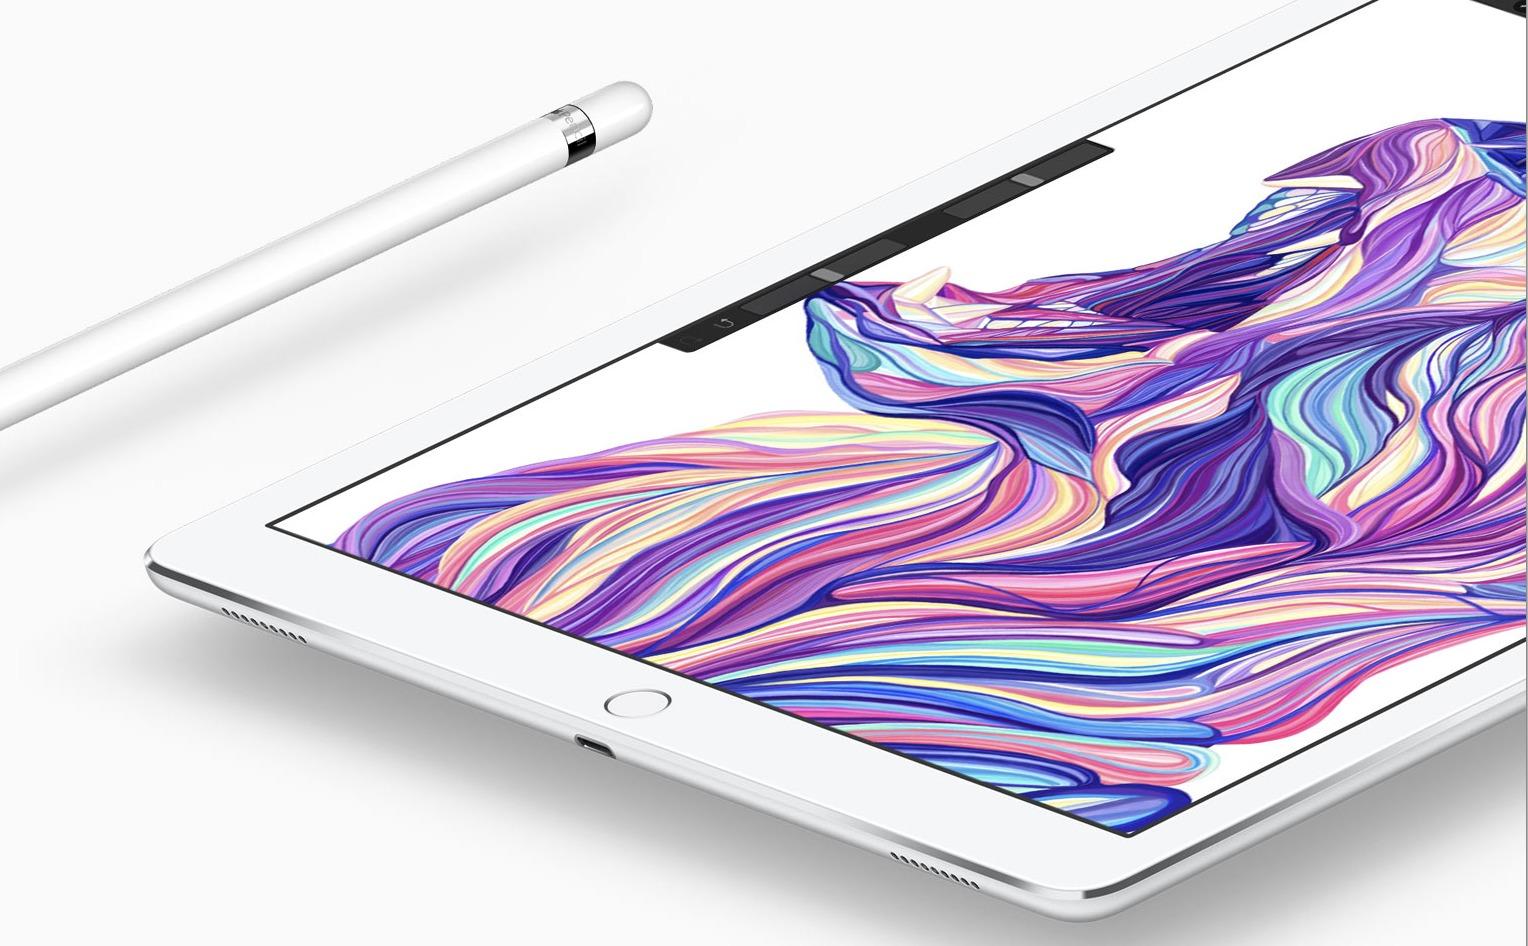 Apple girer trolig opp til lansering av nye iPad-modeller.